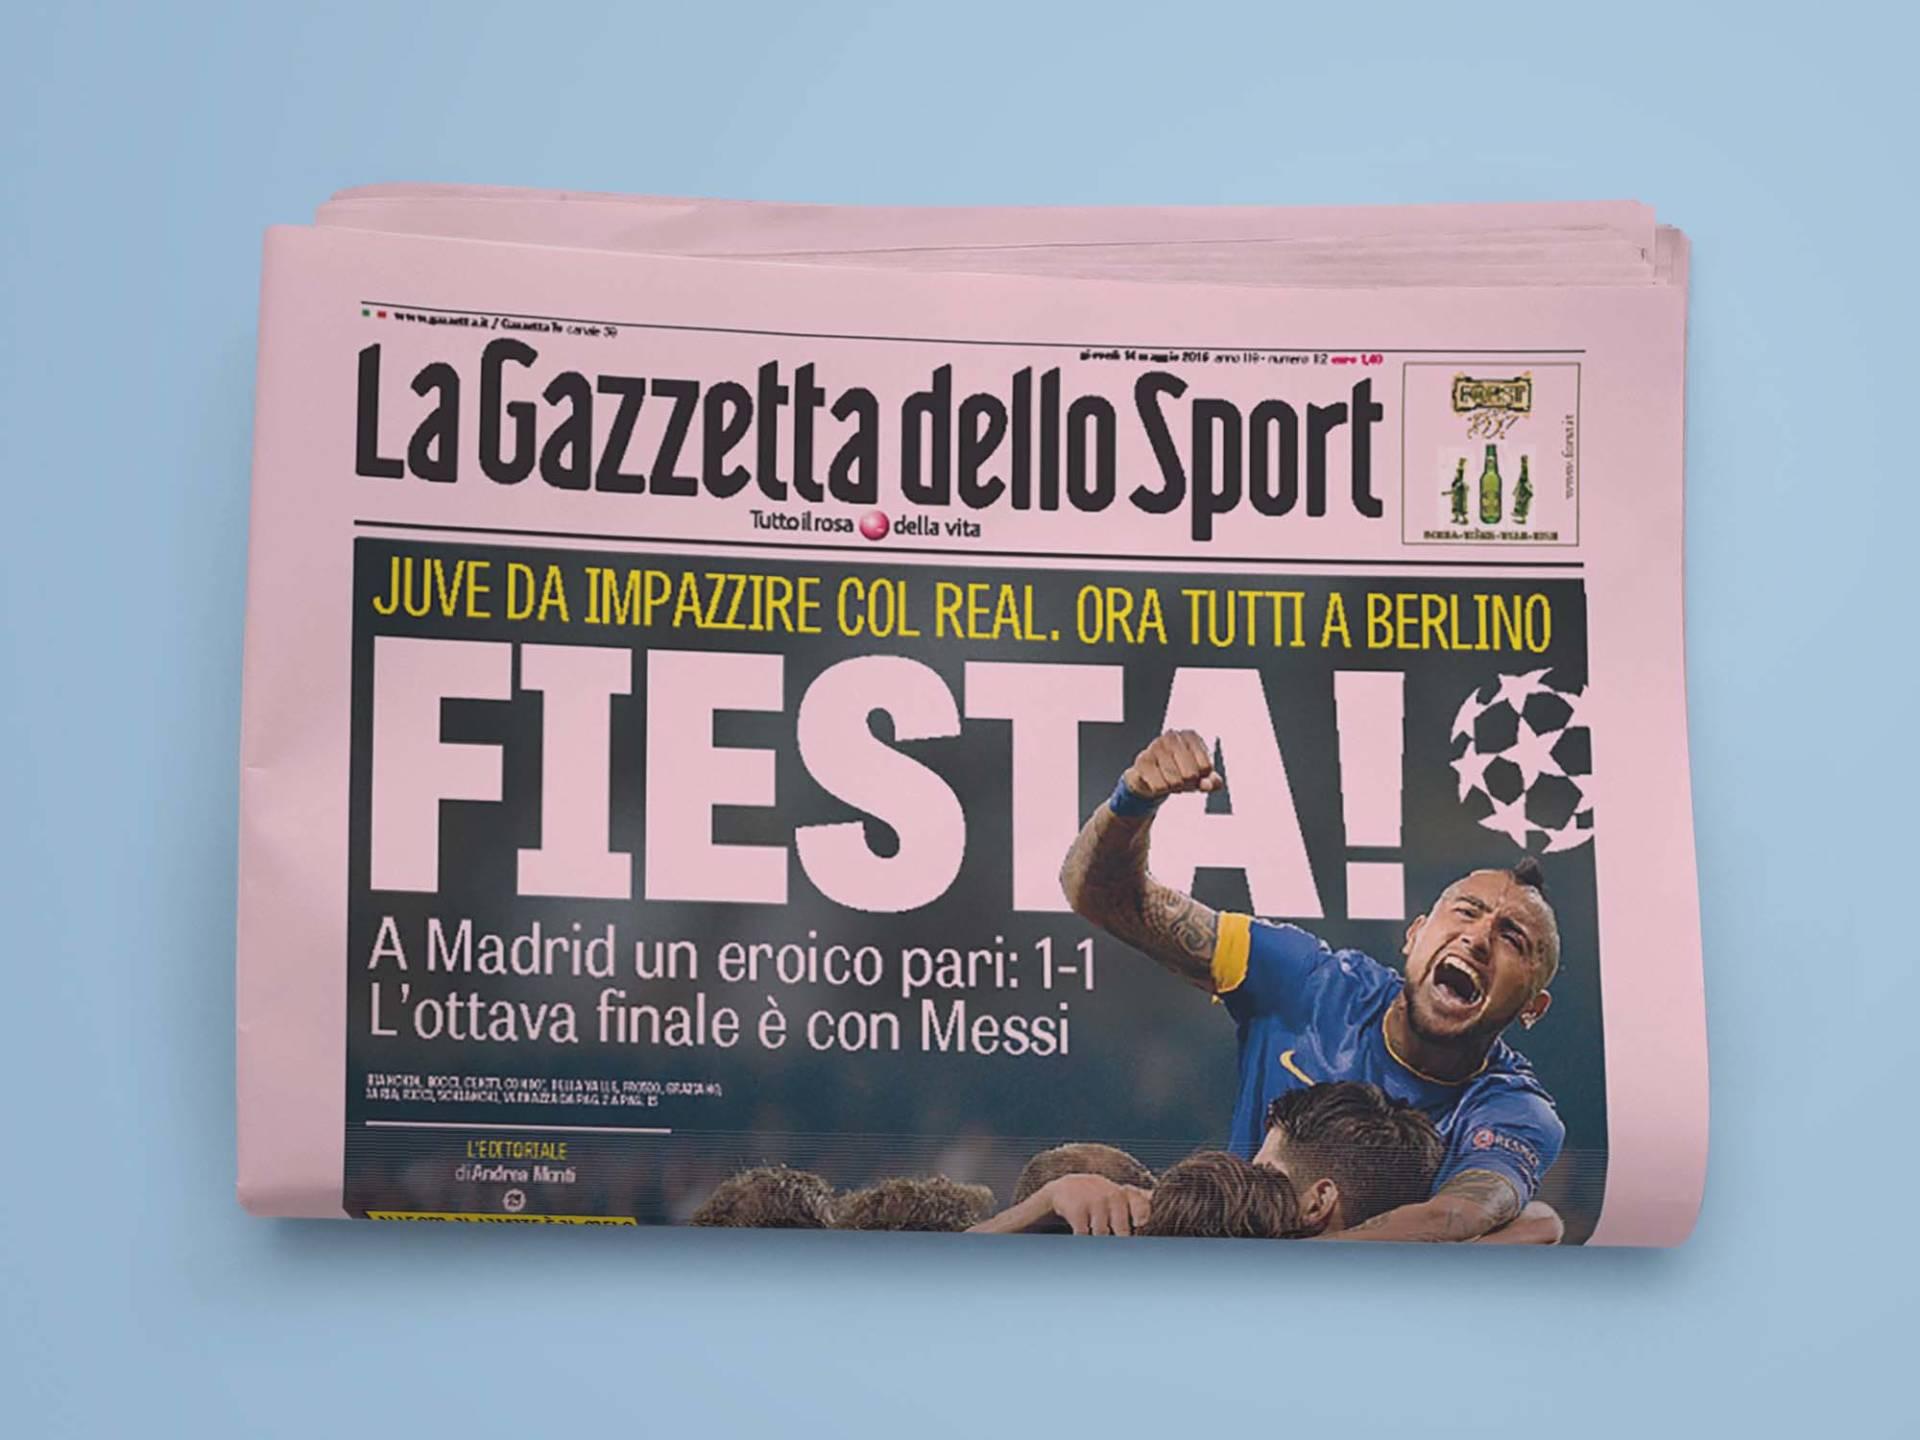 La_Gazzetta_Dello_Sport_01_Wenceslau_News_Design